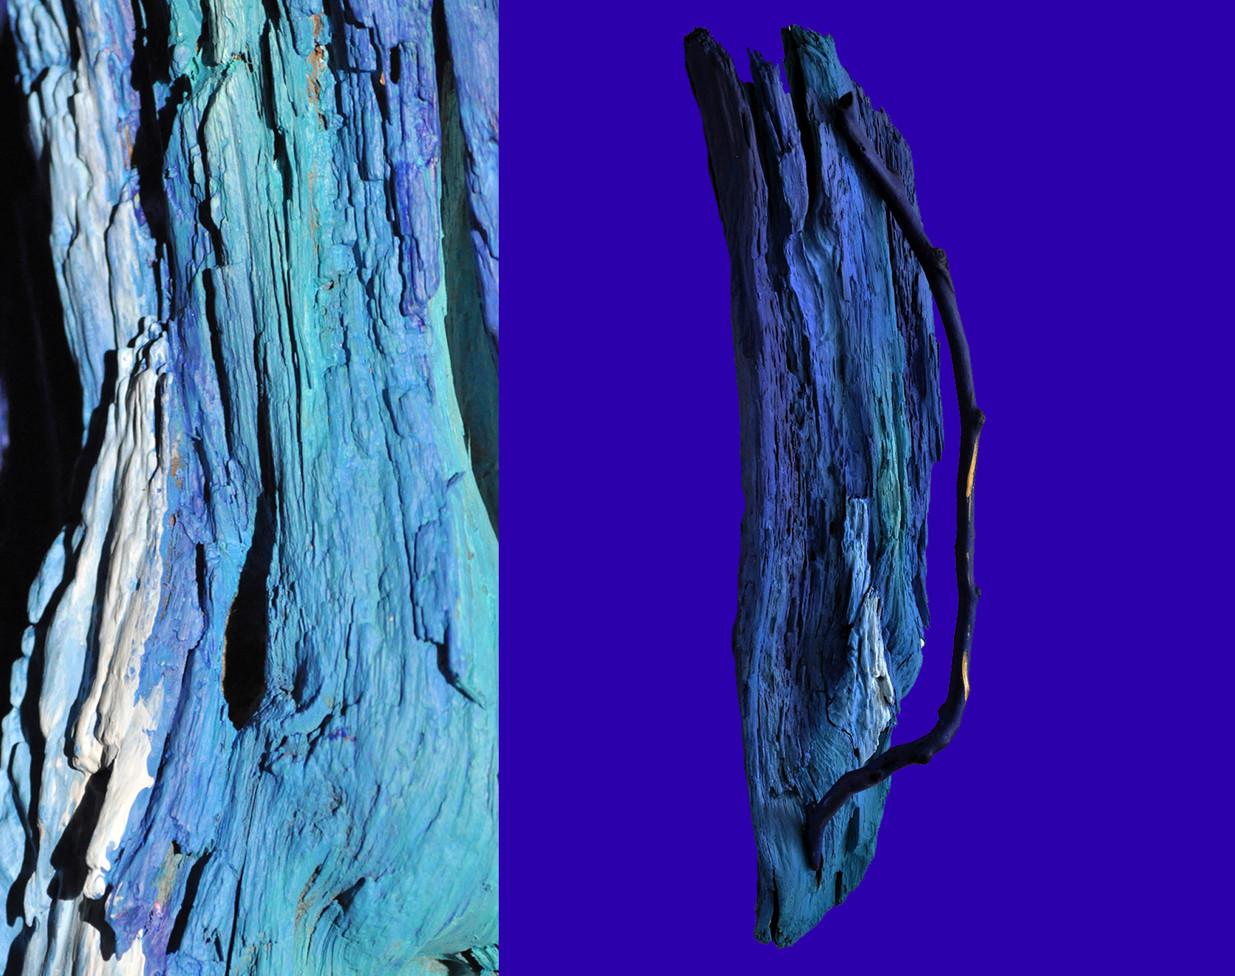 fotobuch blau mit zweig 1.jpg